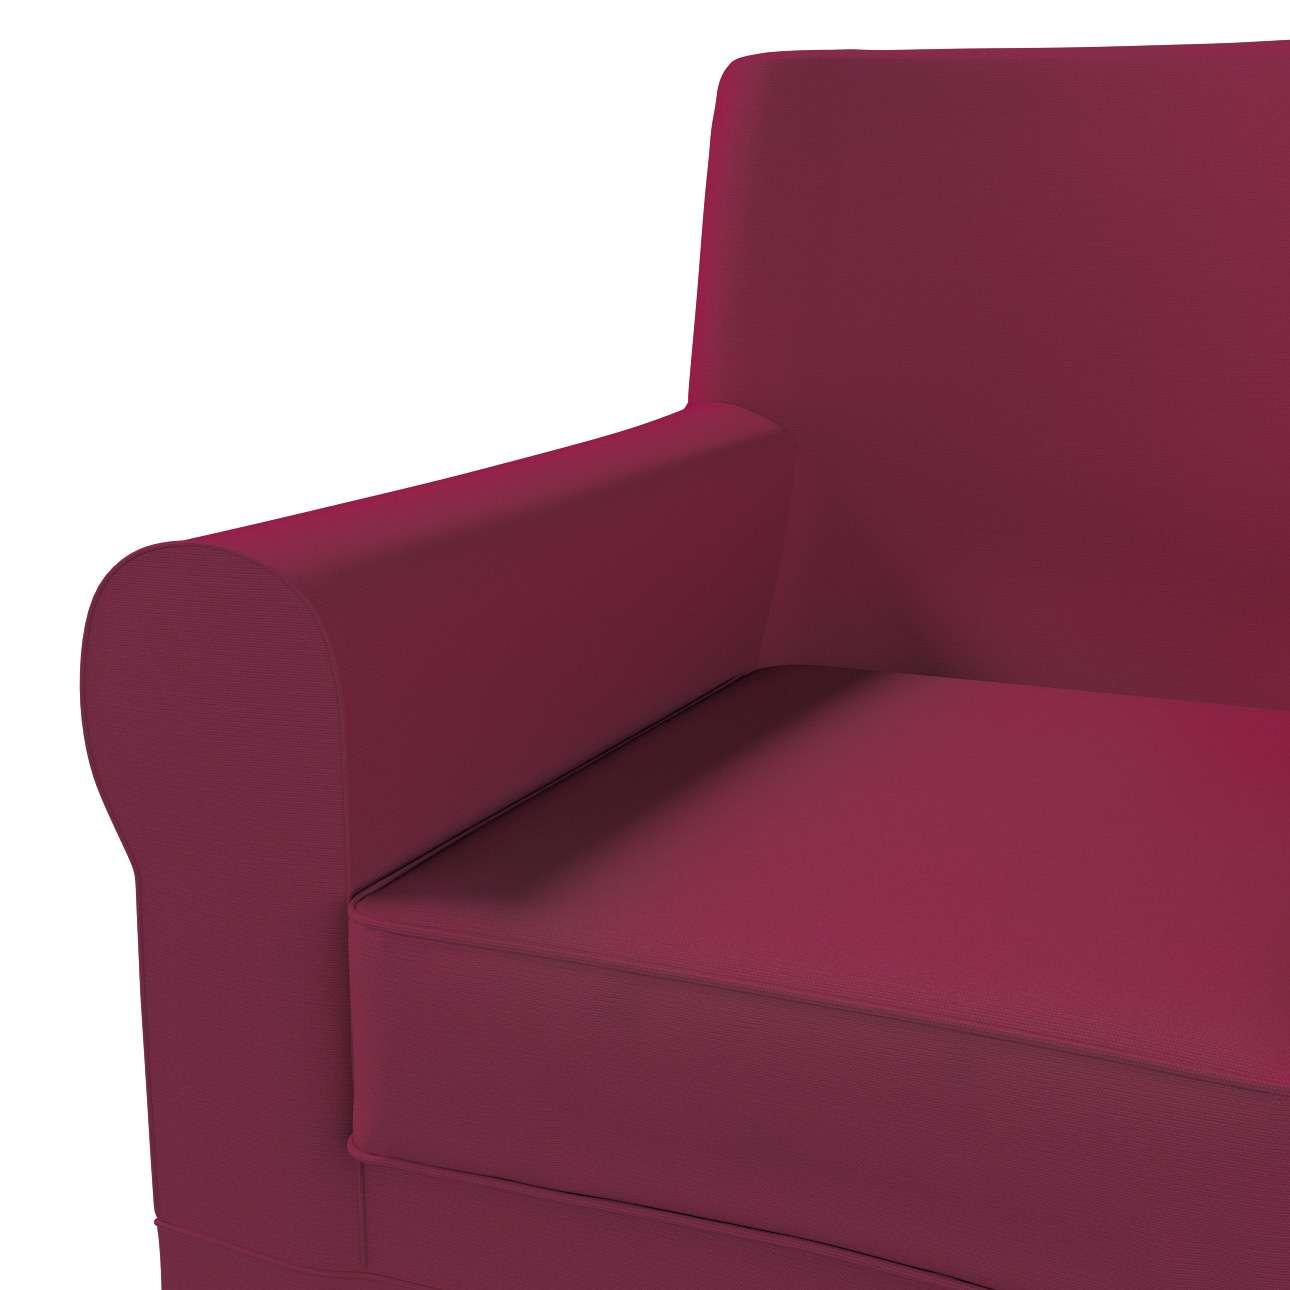 Pokrowiec na fotel Ektorp Jennylund w kolekcji Cotton Panama, tkanina: 702-32